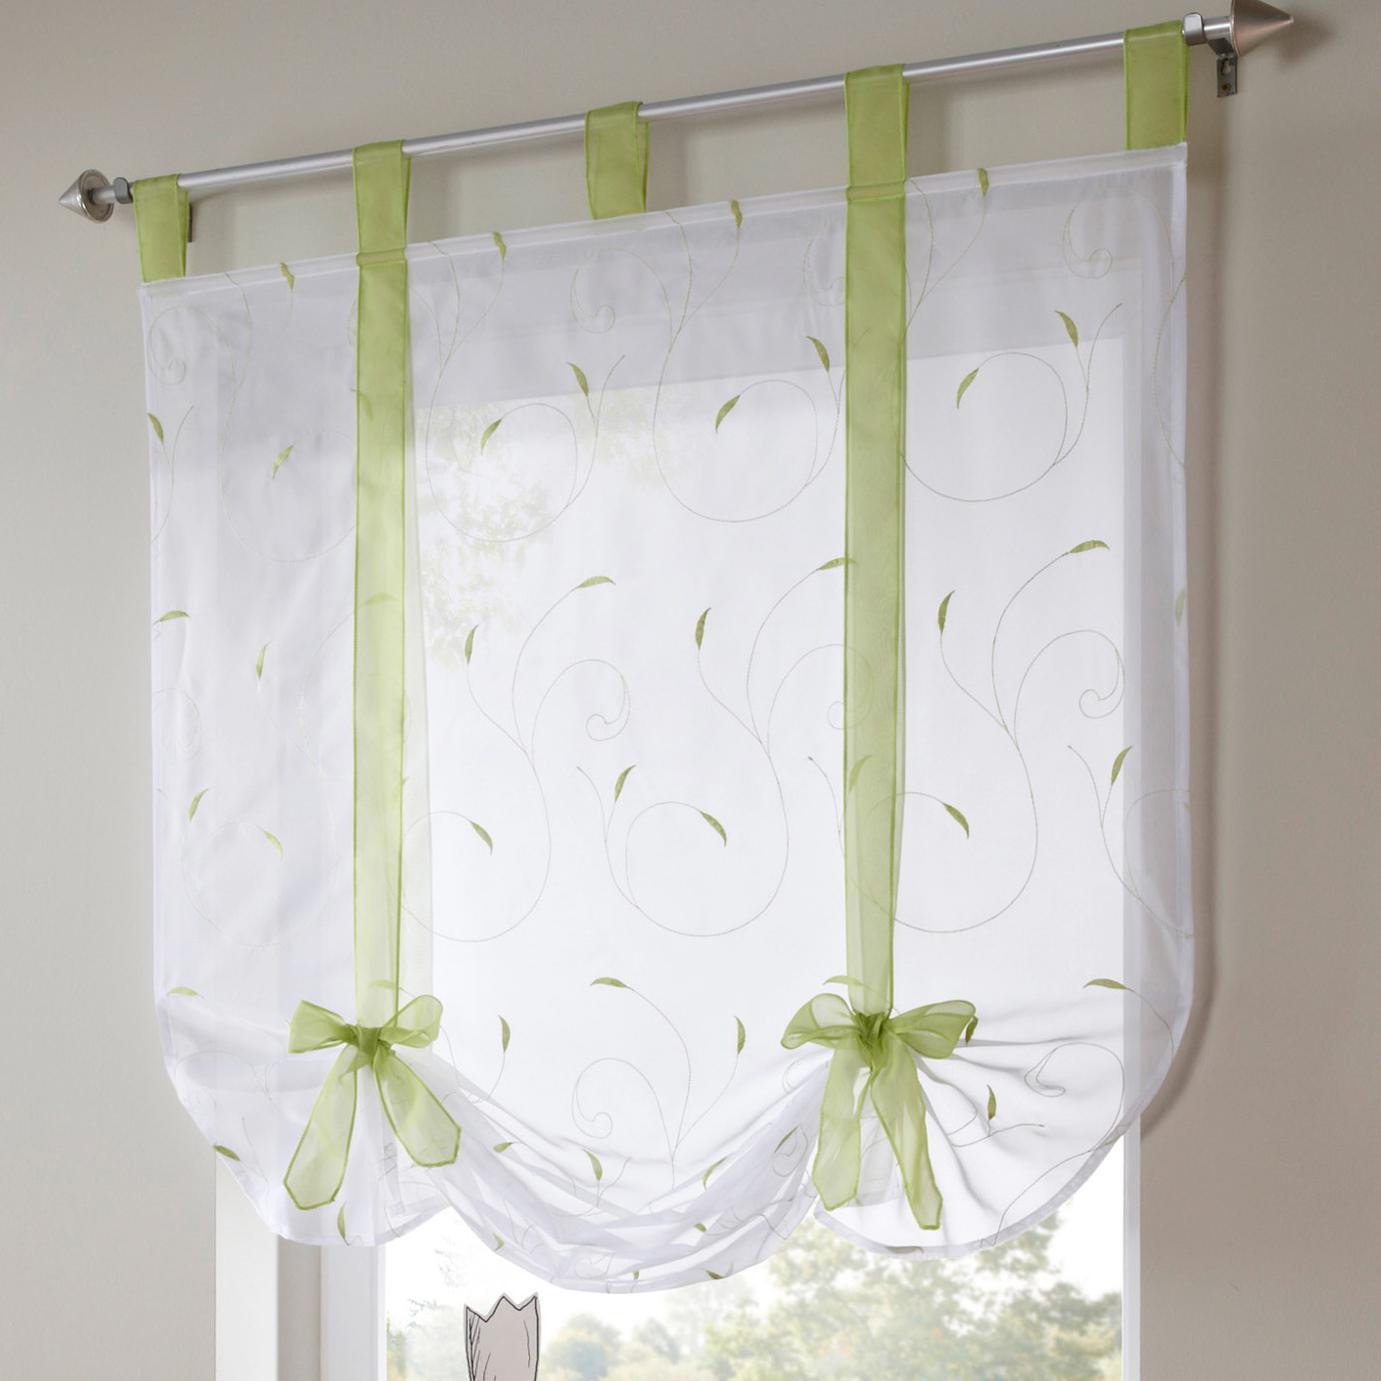 comprar nueva llegada ventana cortina roma cafe cocina cortinas persianas de la cortina moderna cocina cortina escarpada colores de with cortinas dormitorio